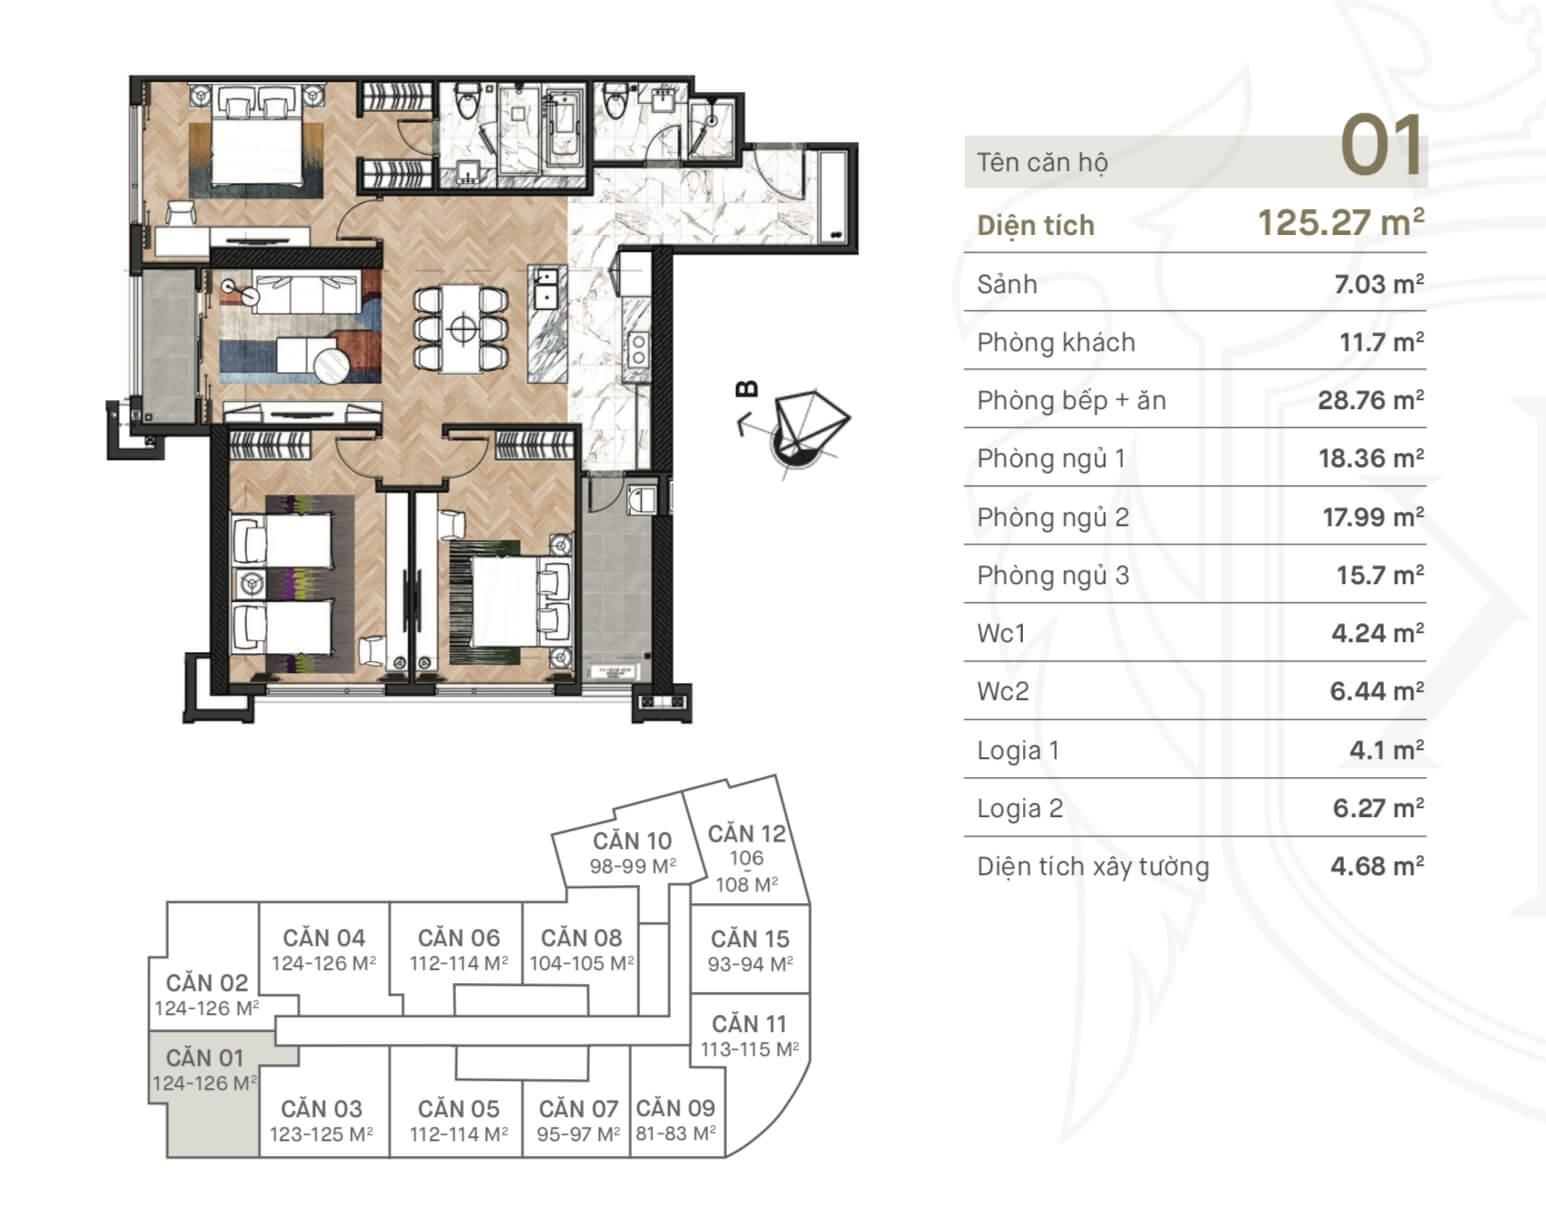 Thiết kế căn 01 chung cư King Palace